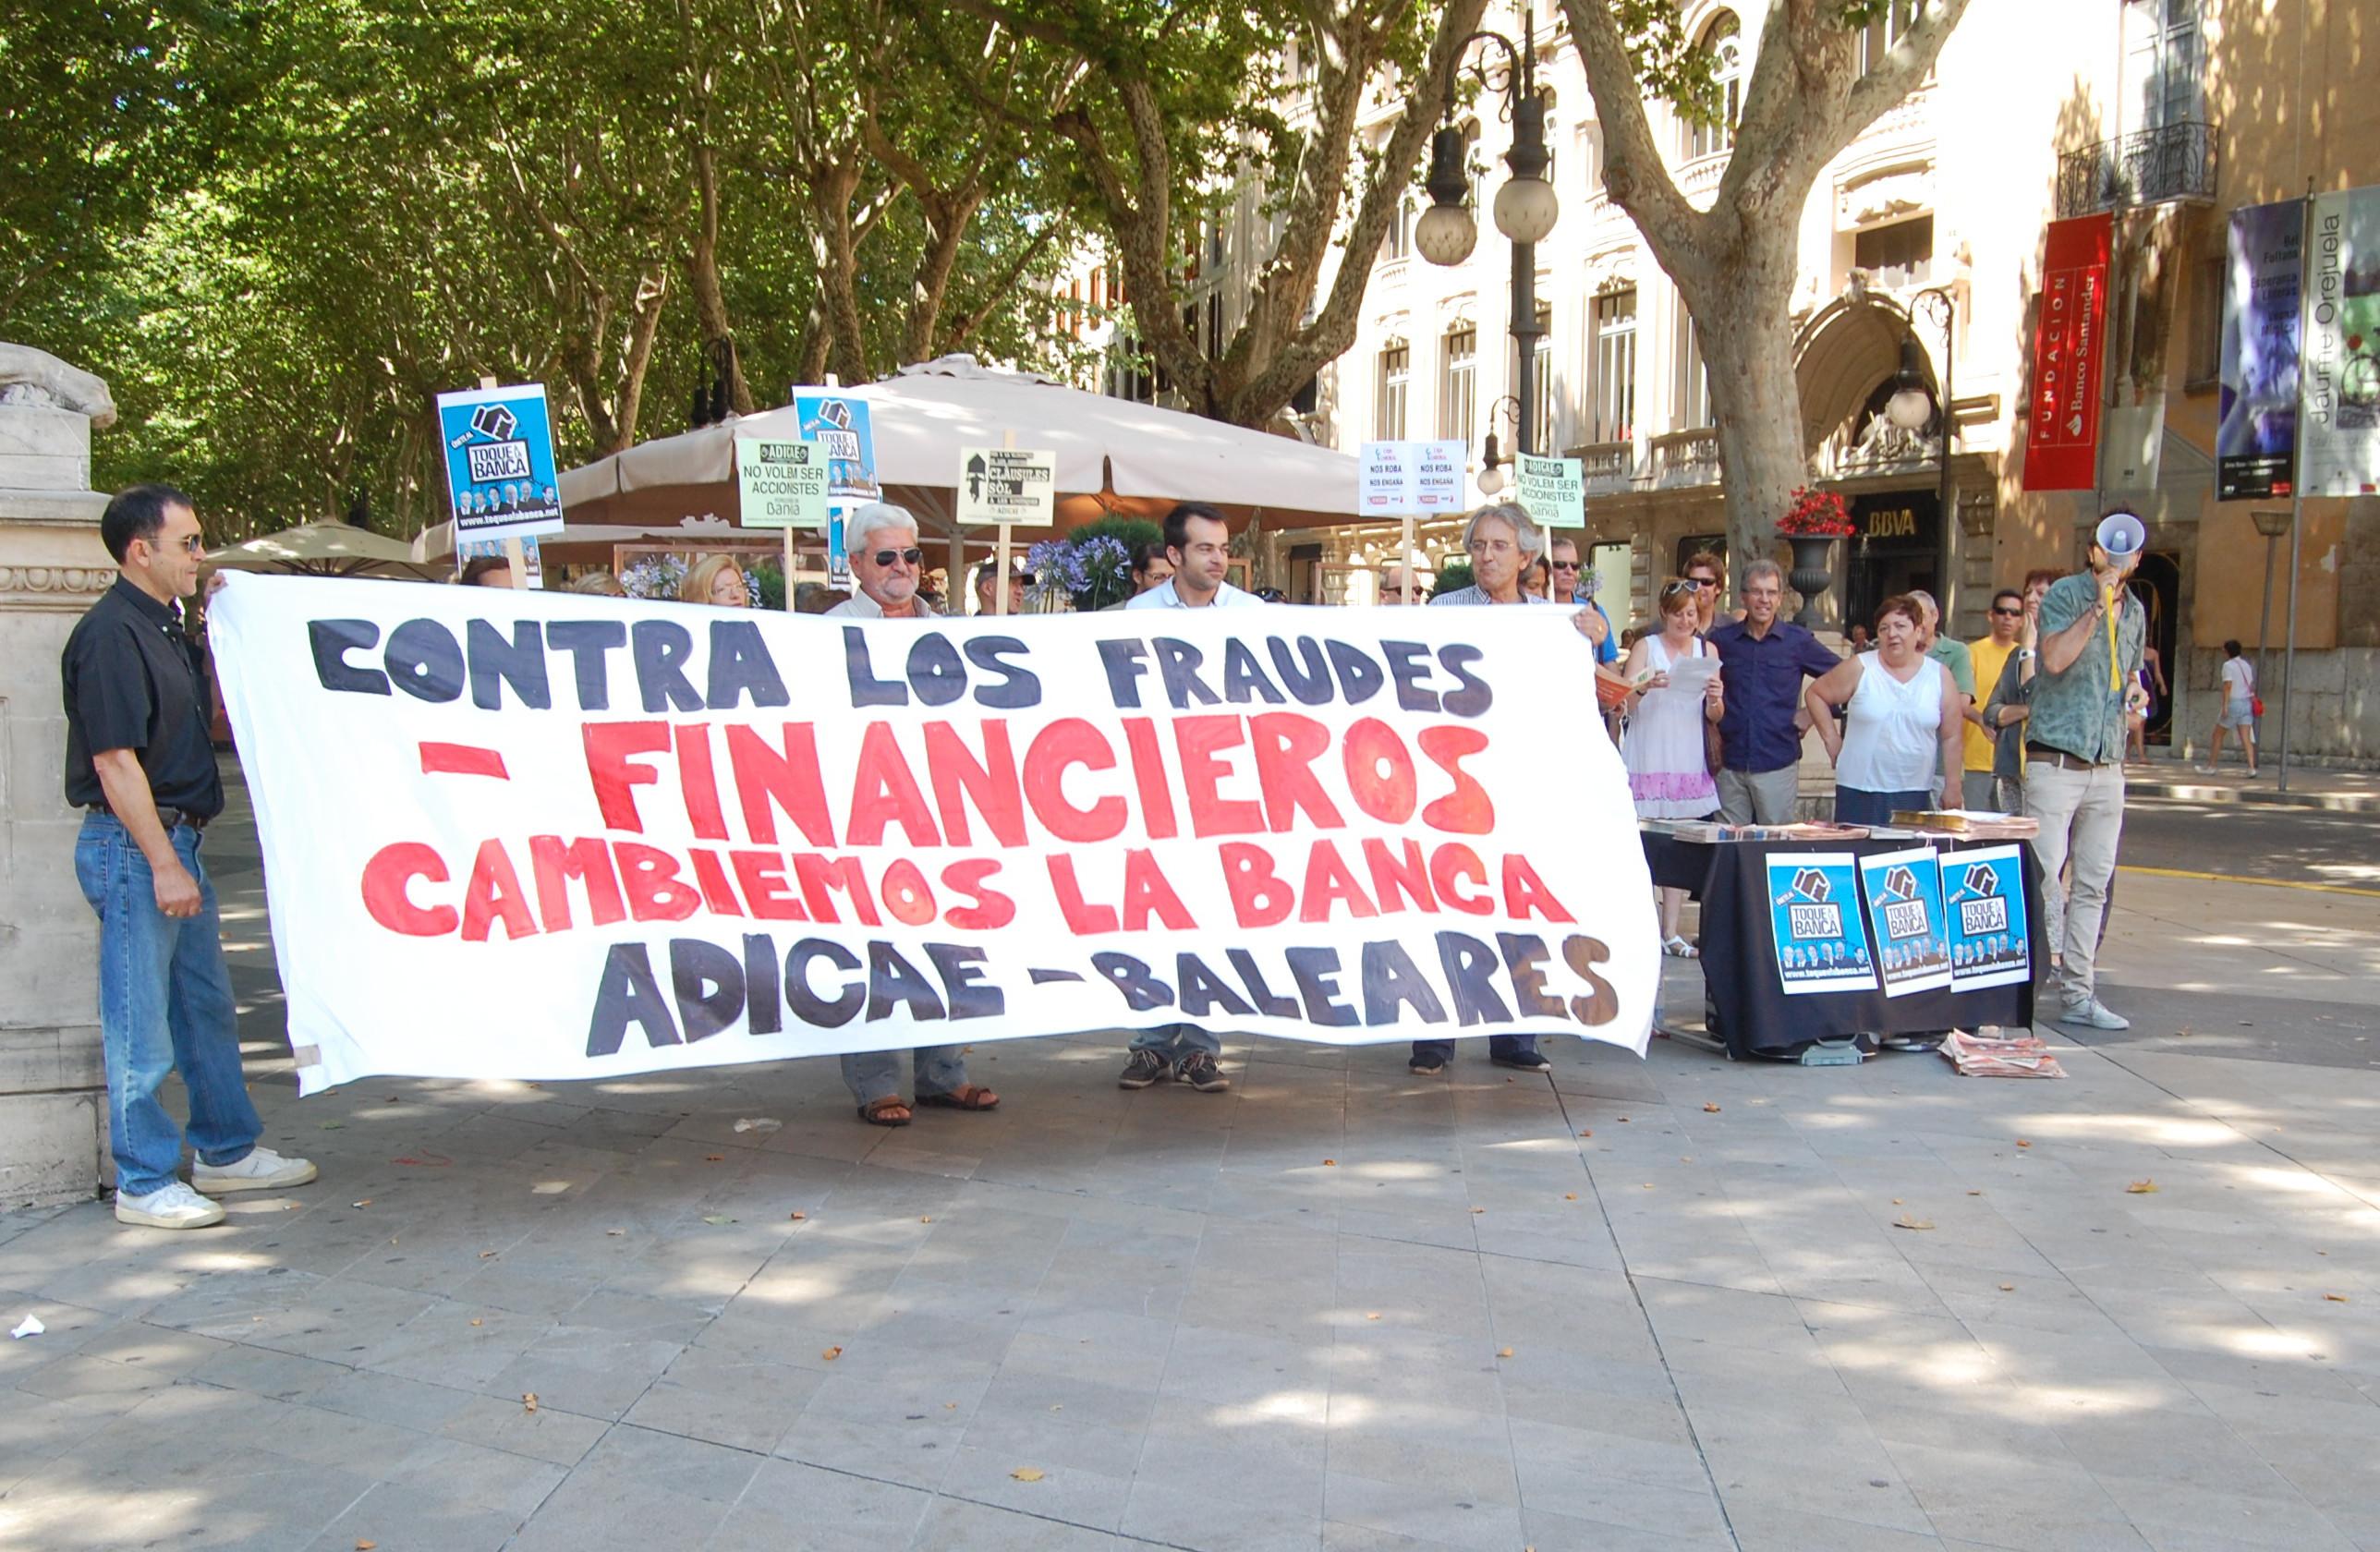 Manifestación contra los fraudes financieros.